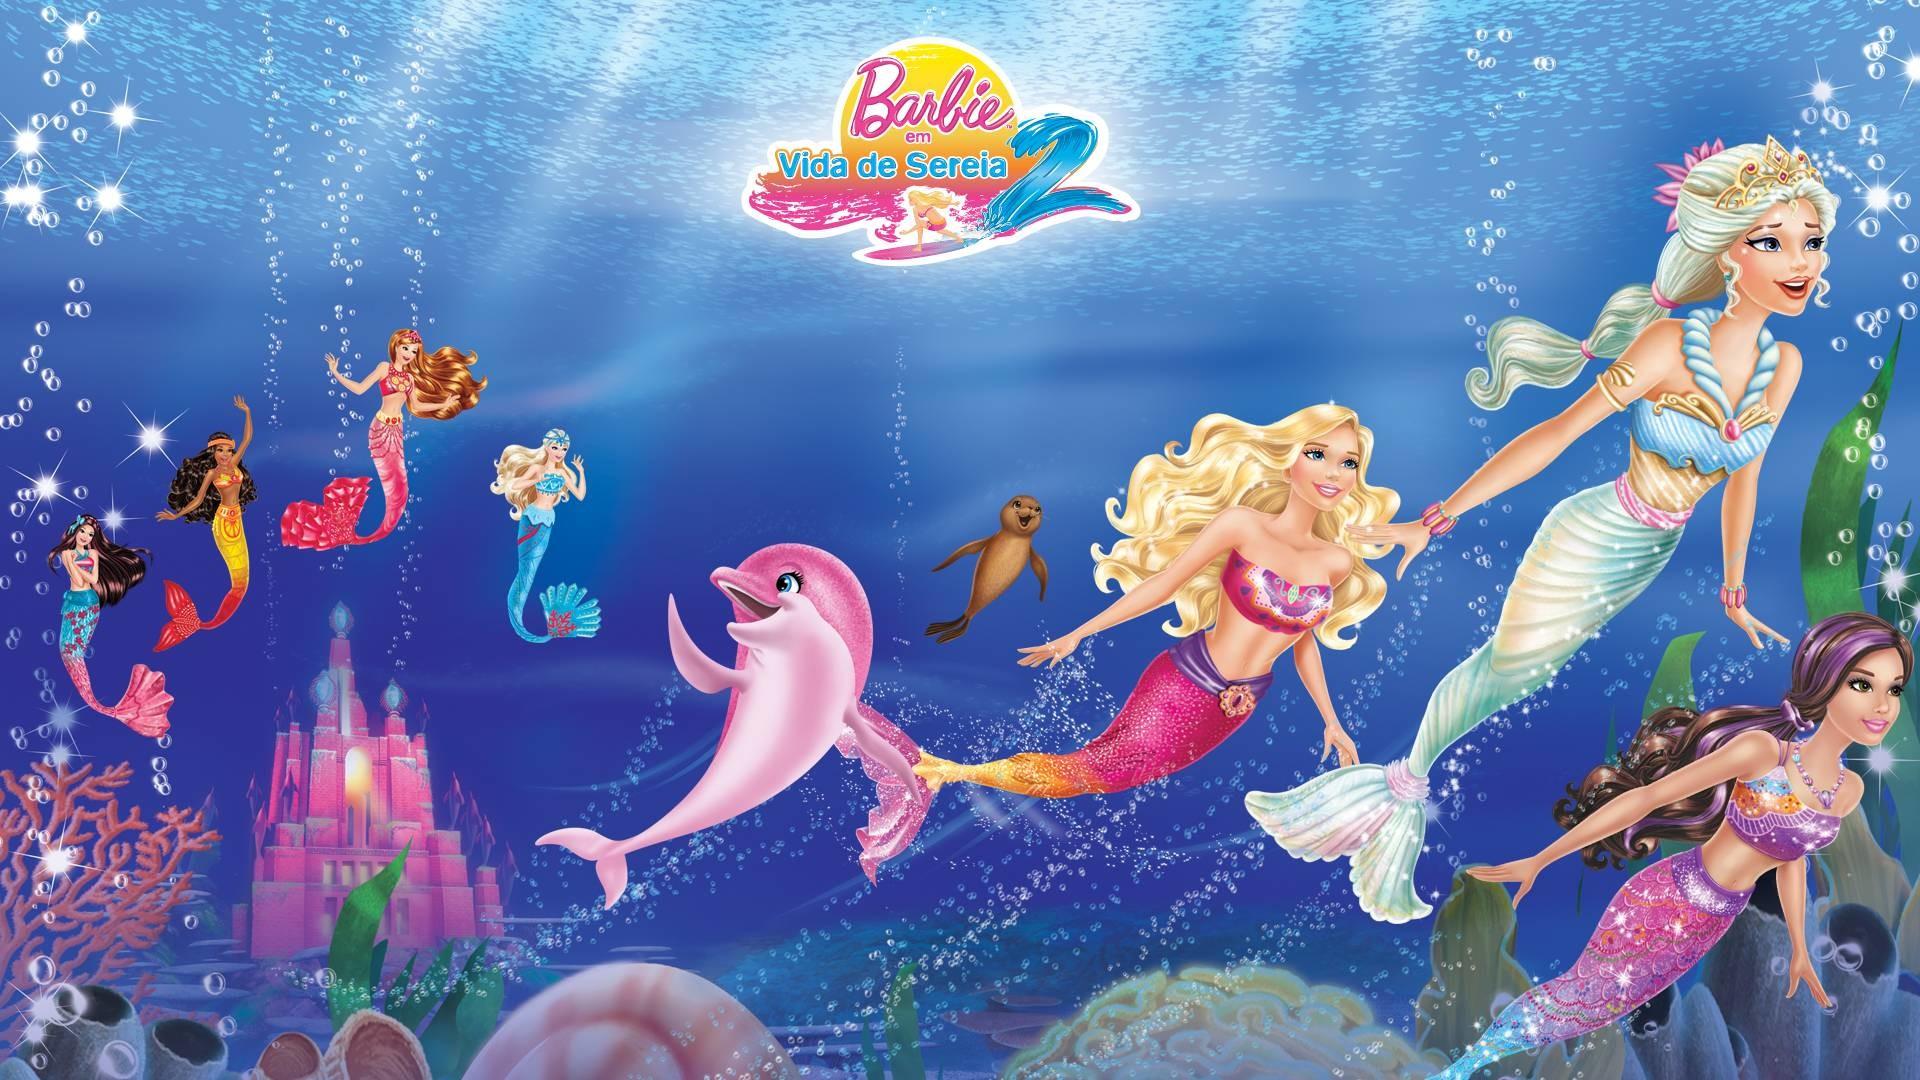 Barbie in A Mermaid Tale 2 Wallpaper 15,